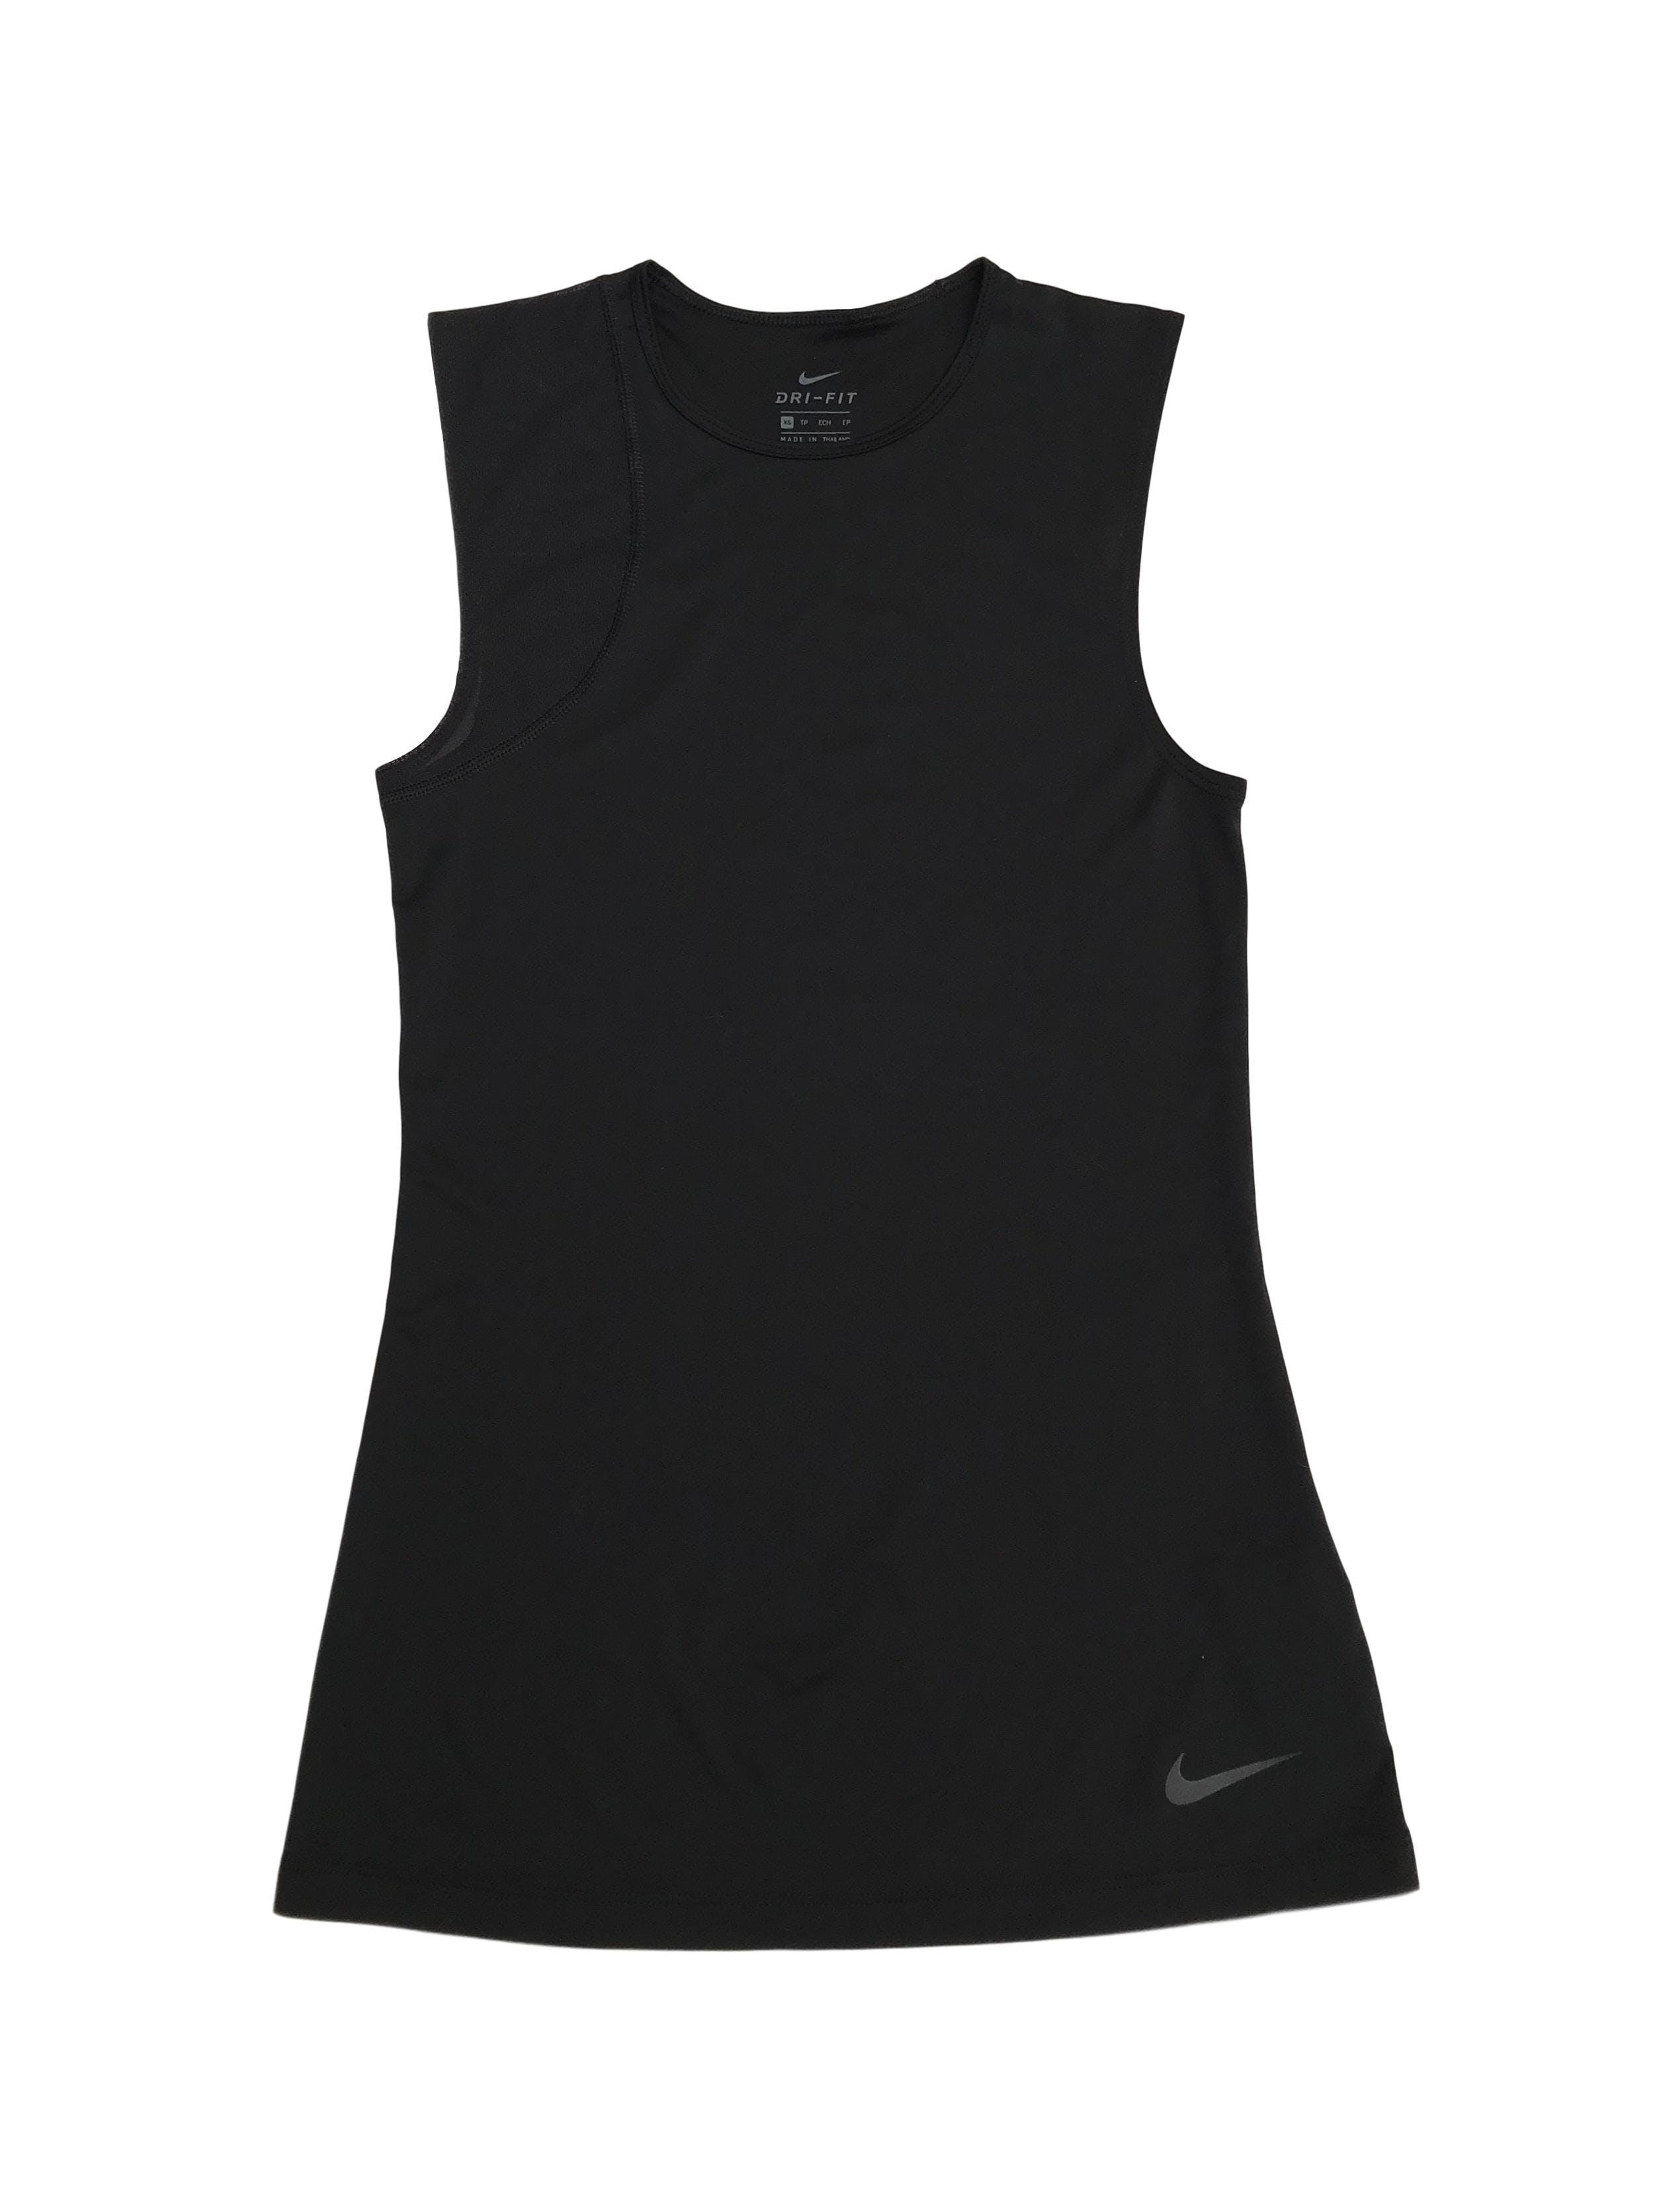 Bvd deportivo Nike negro con un hombro tipo tul